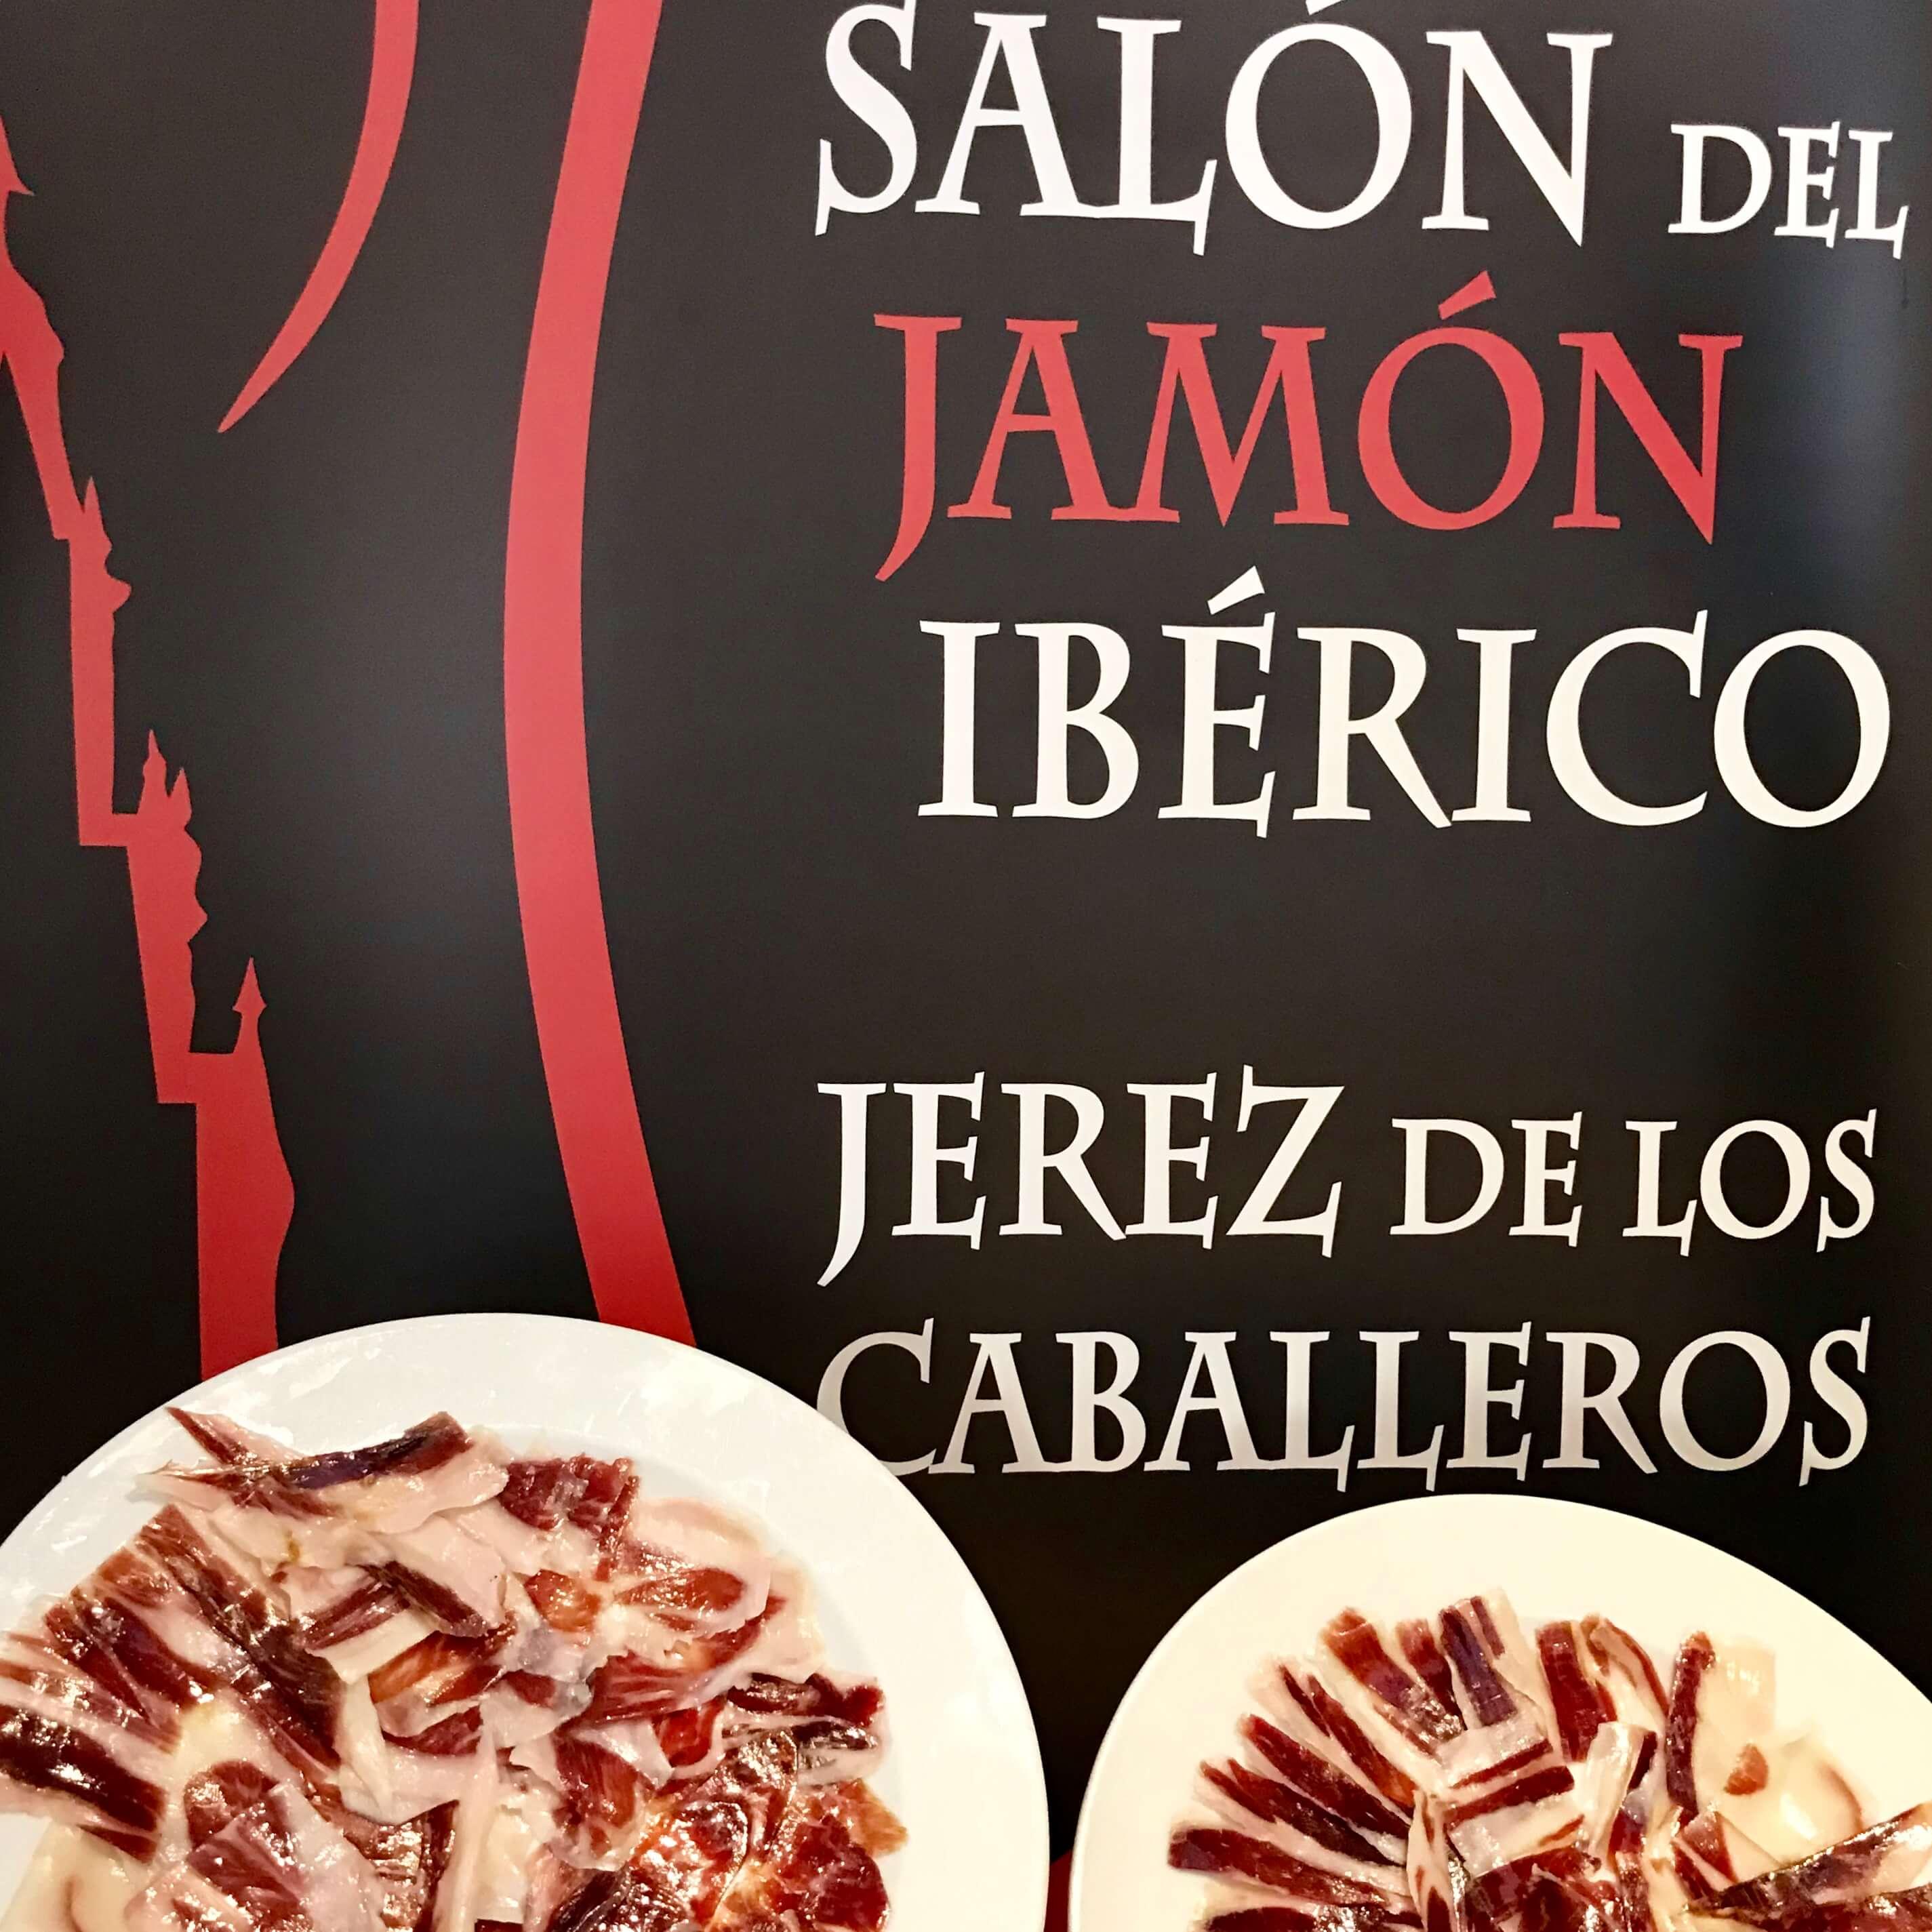 Salón del Jamón Ibérico Jerez de los Caballeros